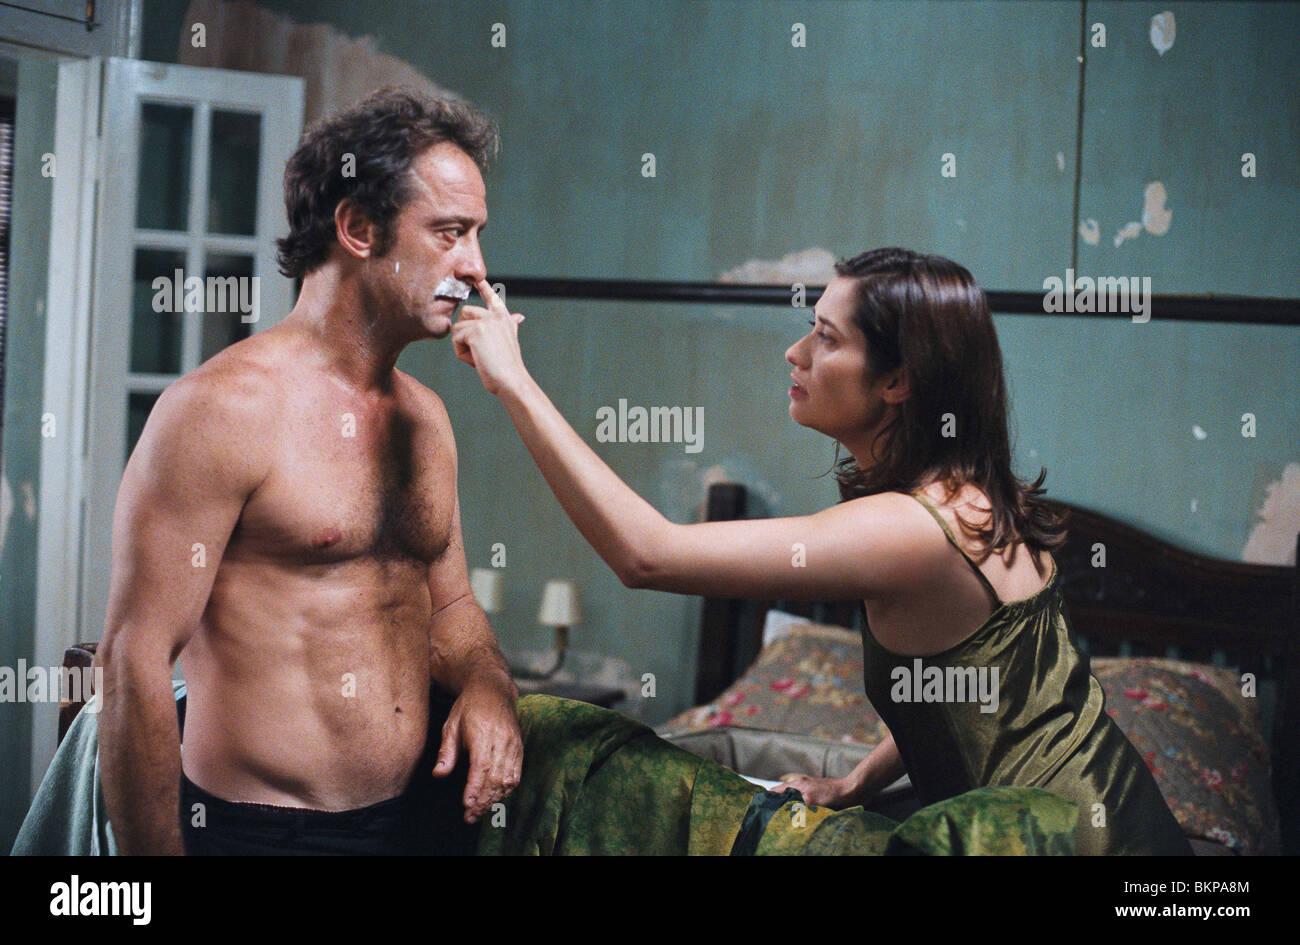 LA MOUSTACHE (2005) VINCENT LINDON, EMMANUELLE DEVOS MOUC 001-03 - Stock Image